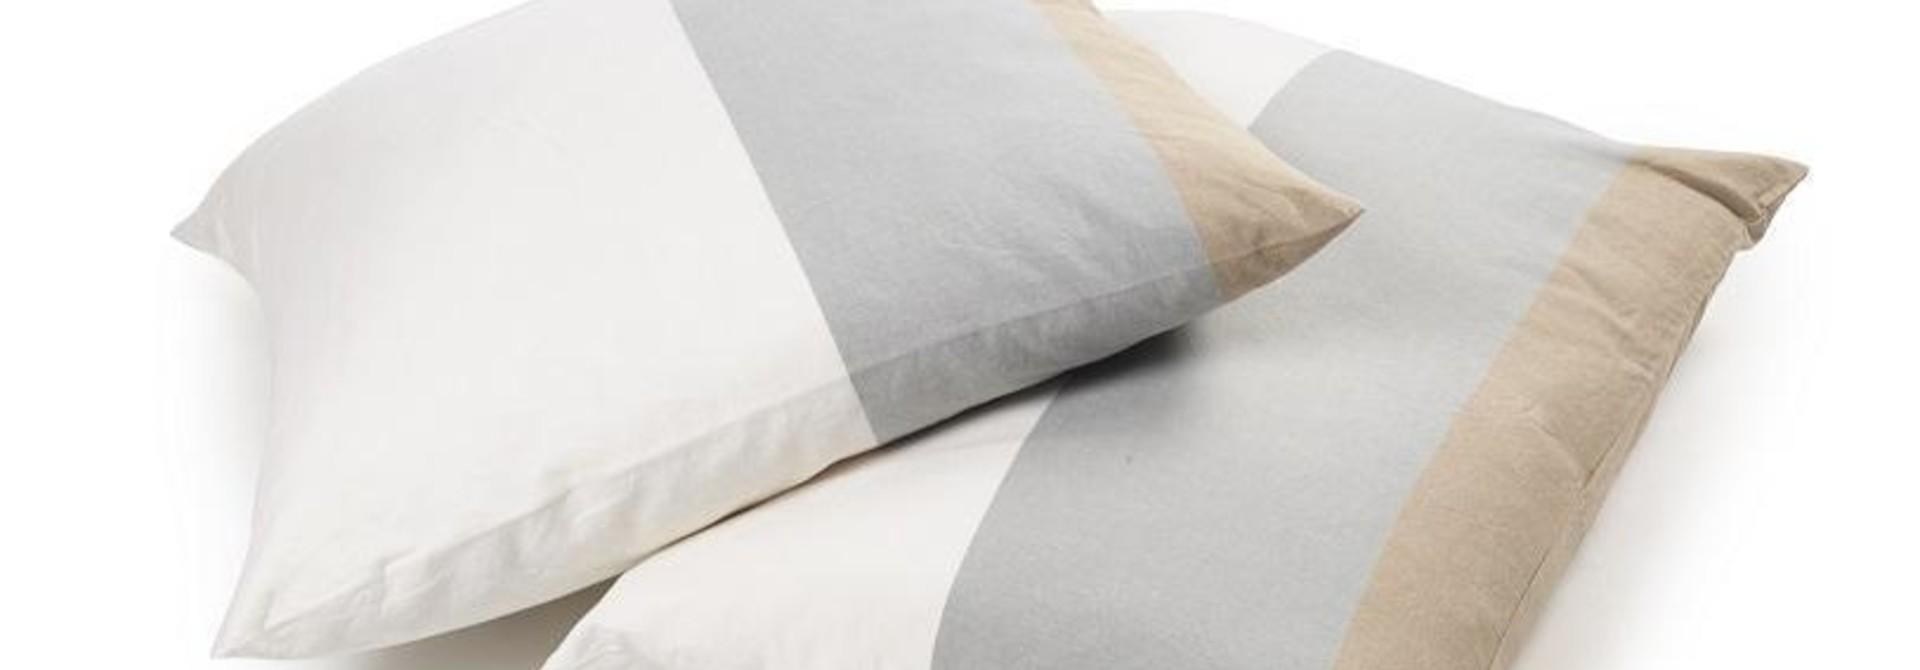 Pillowcase - Sham - Queen - Set of 2